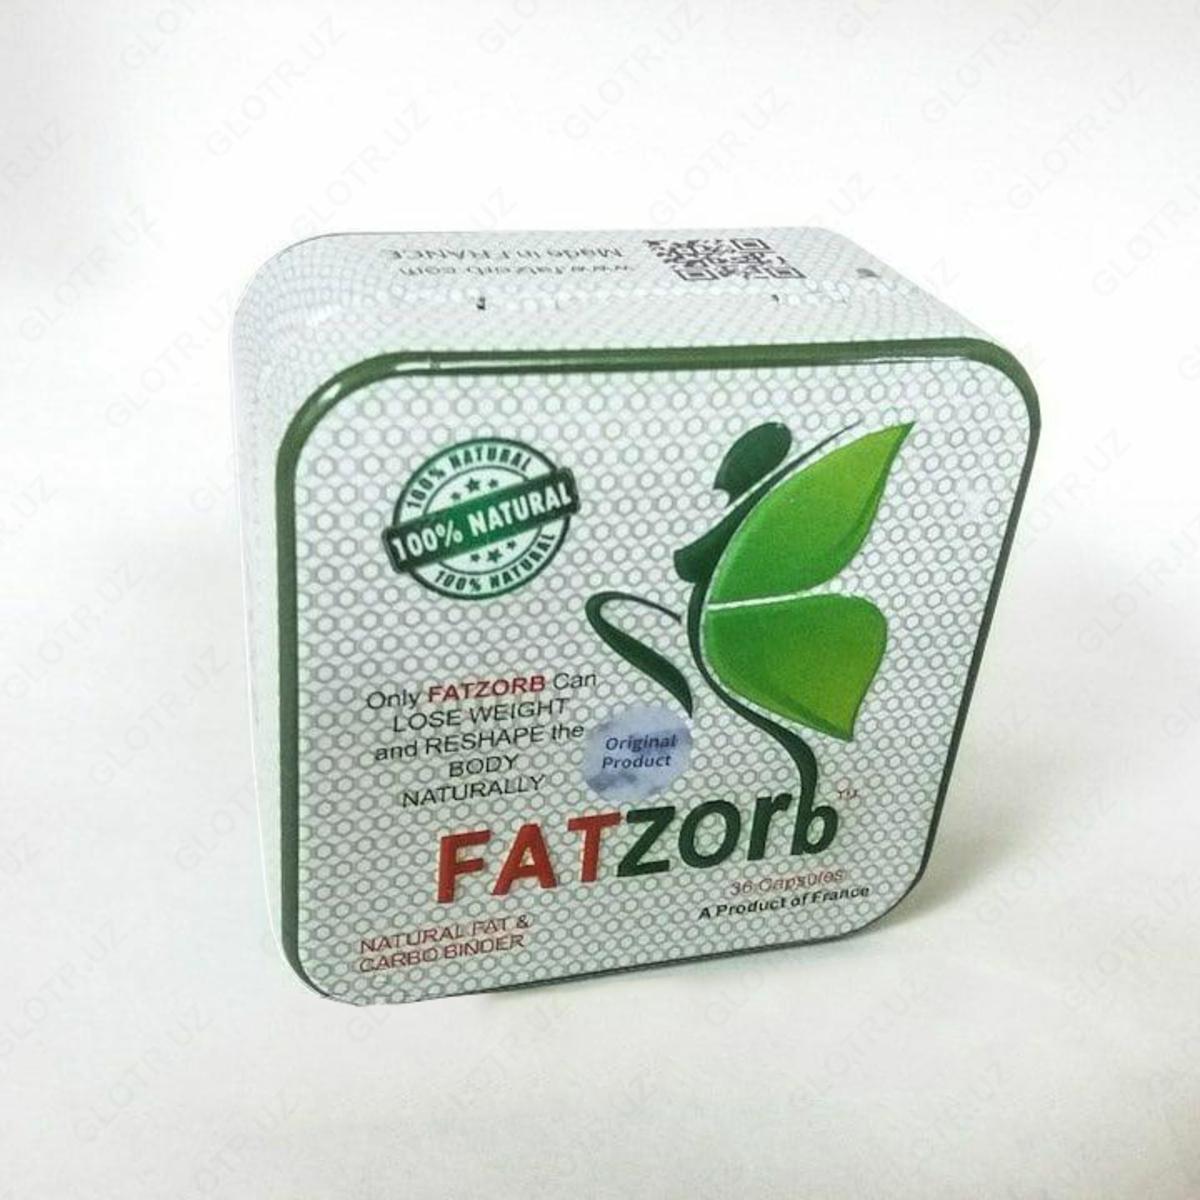 Fatzorb для похудения купить в спб цена